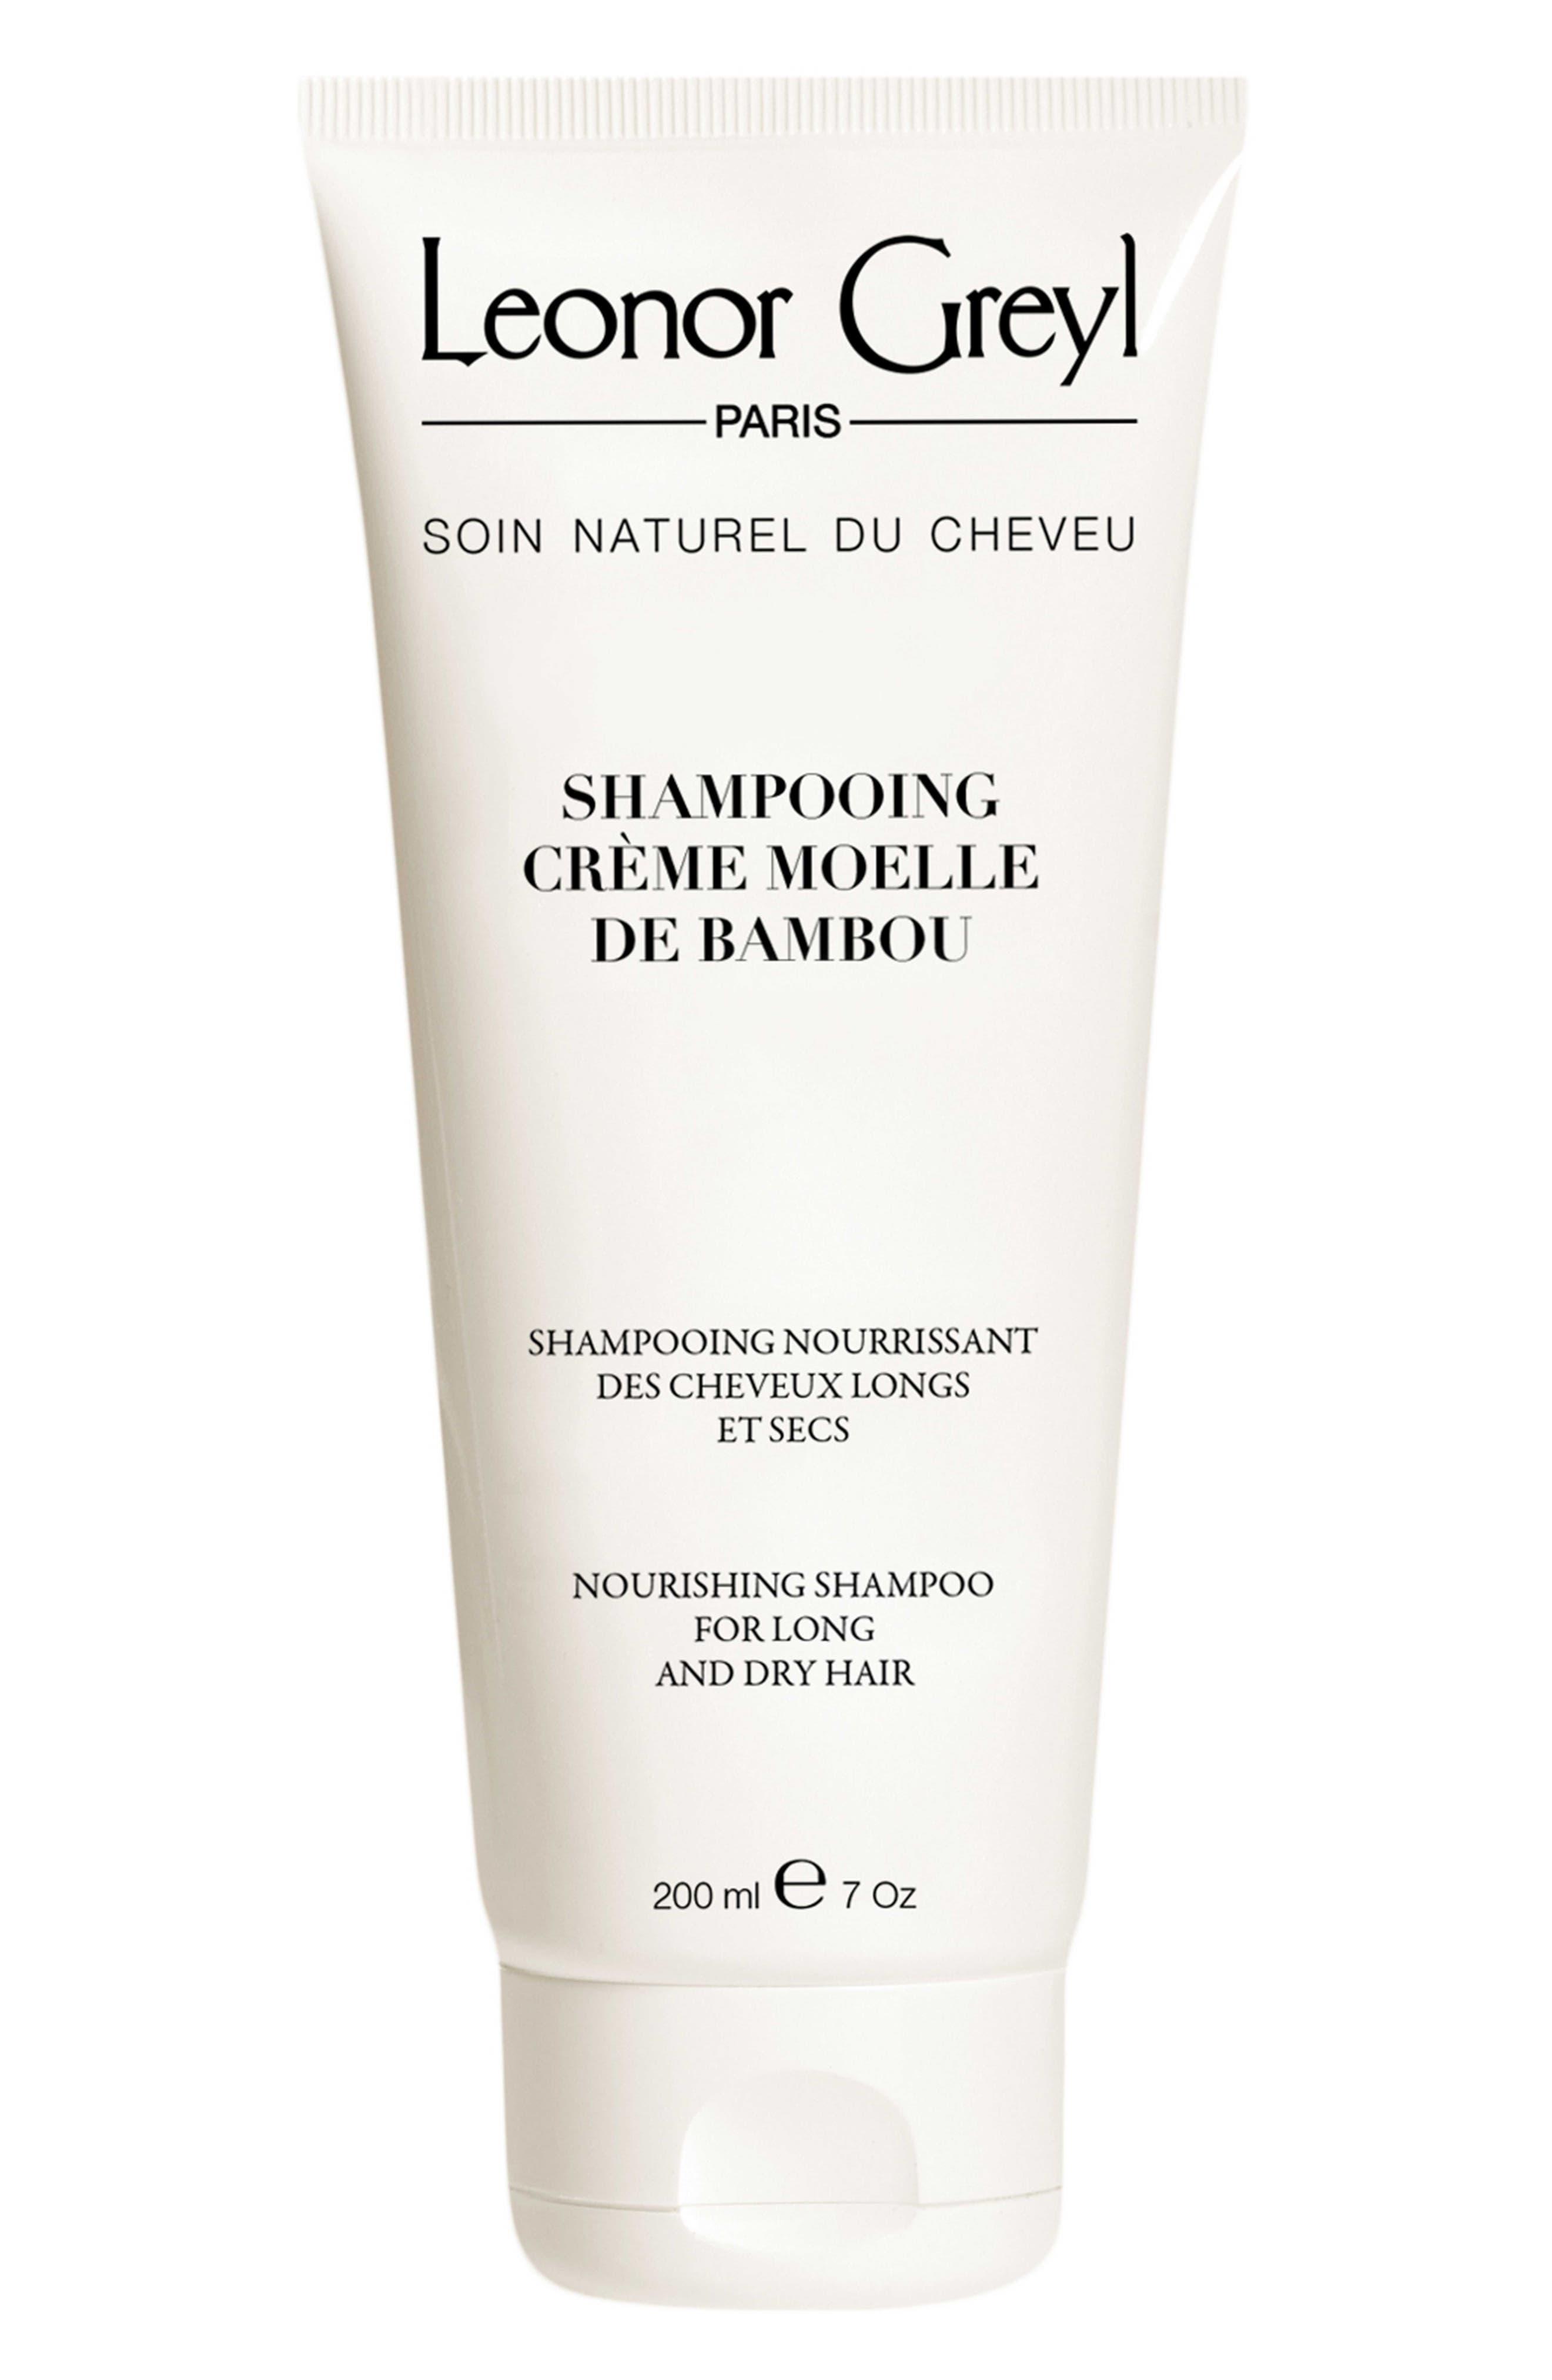 LEONOR GREYL PARIS 'Crème Moelle de Bambou' Nourishing